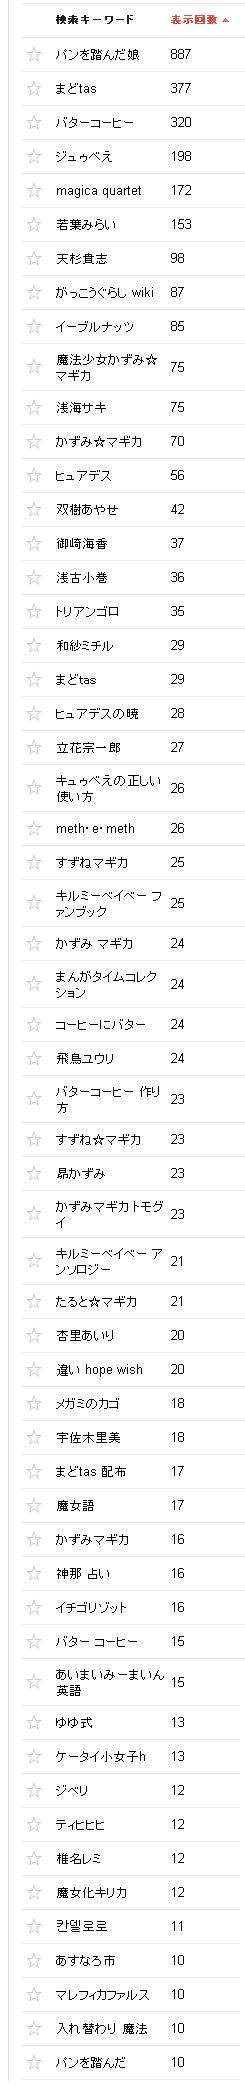 2014/09/03の検索クエリ一覧(ウェブマスターツール)の上位